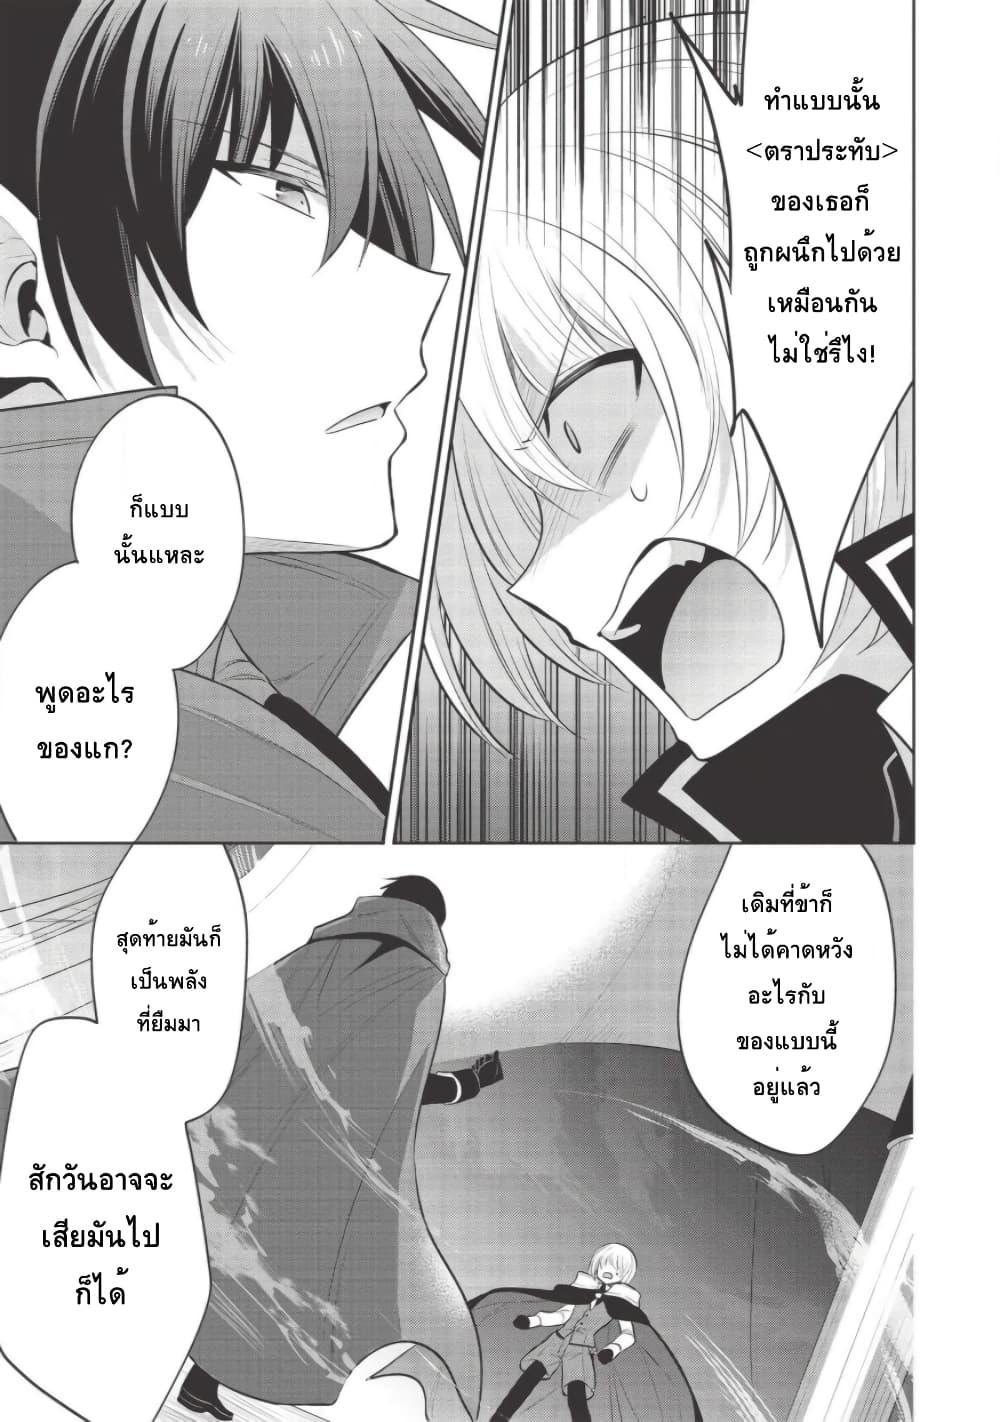 อ่านการ์ตูน Maou no Ore ga Dorei Elf wo Yome ni Shitanda ga Dou Medereba Ii ตอนที่ 30 หน้าที่ 15